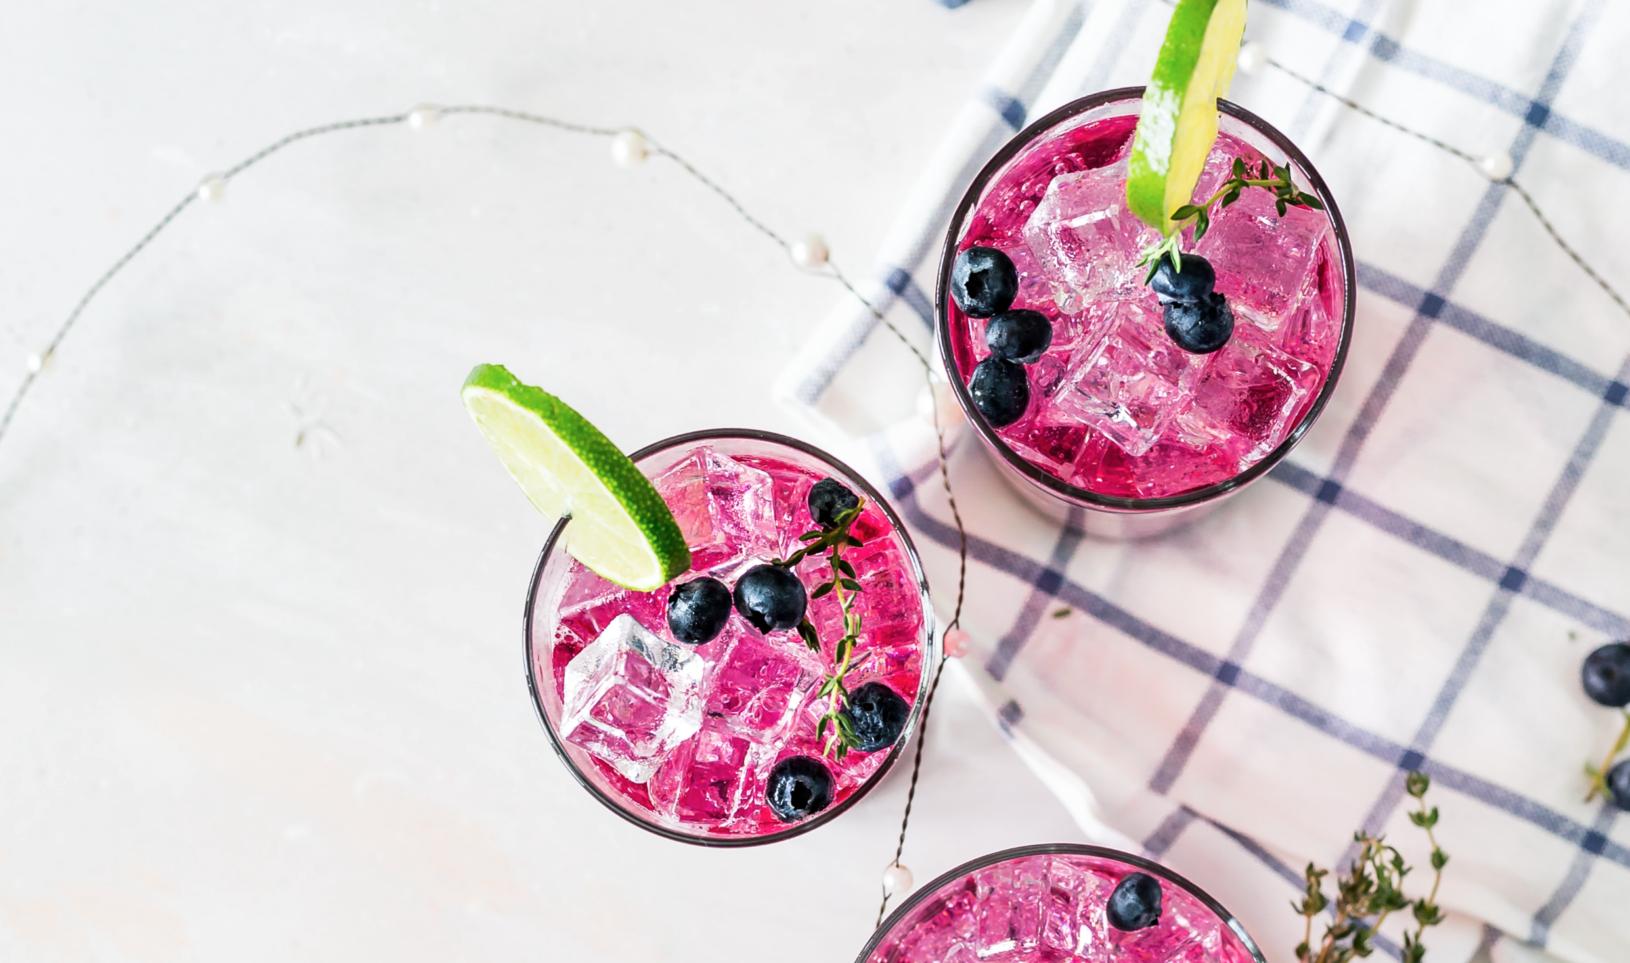 Trois verres de jus de fruits frais avec glace et citron vert